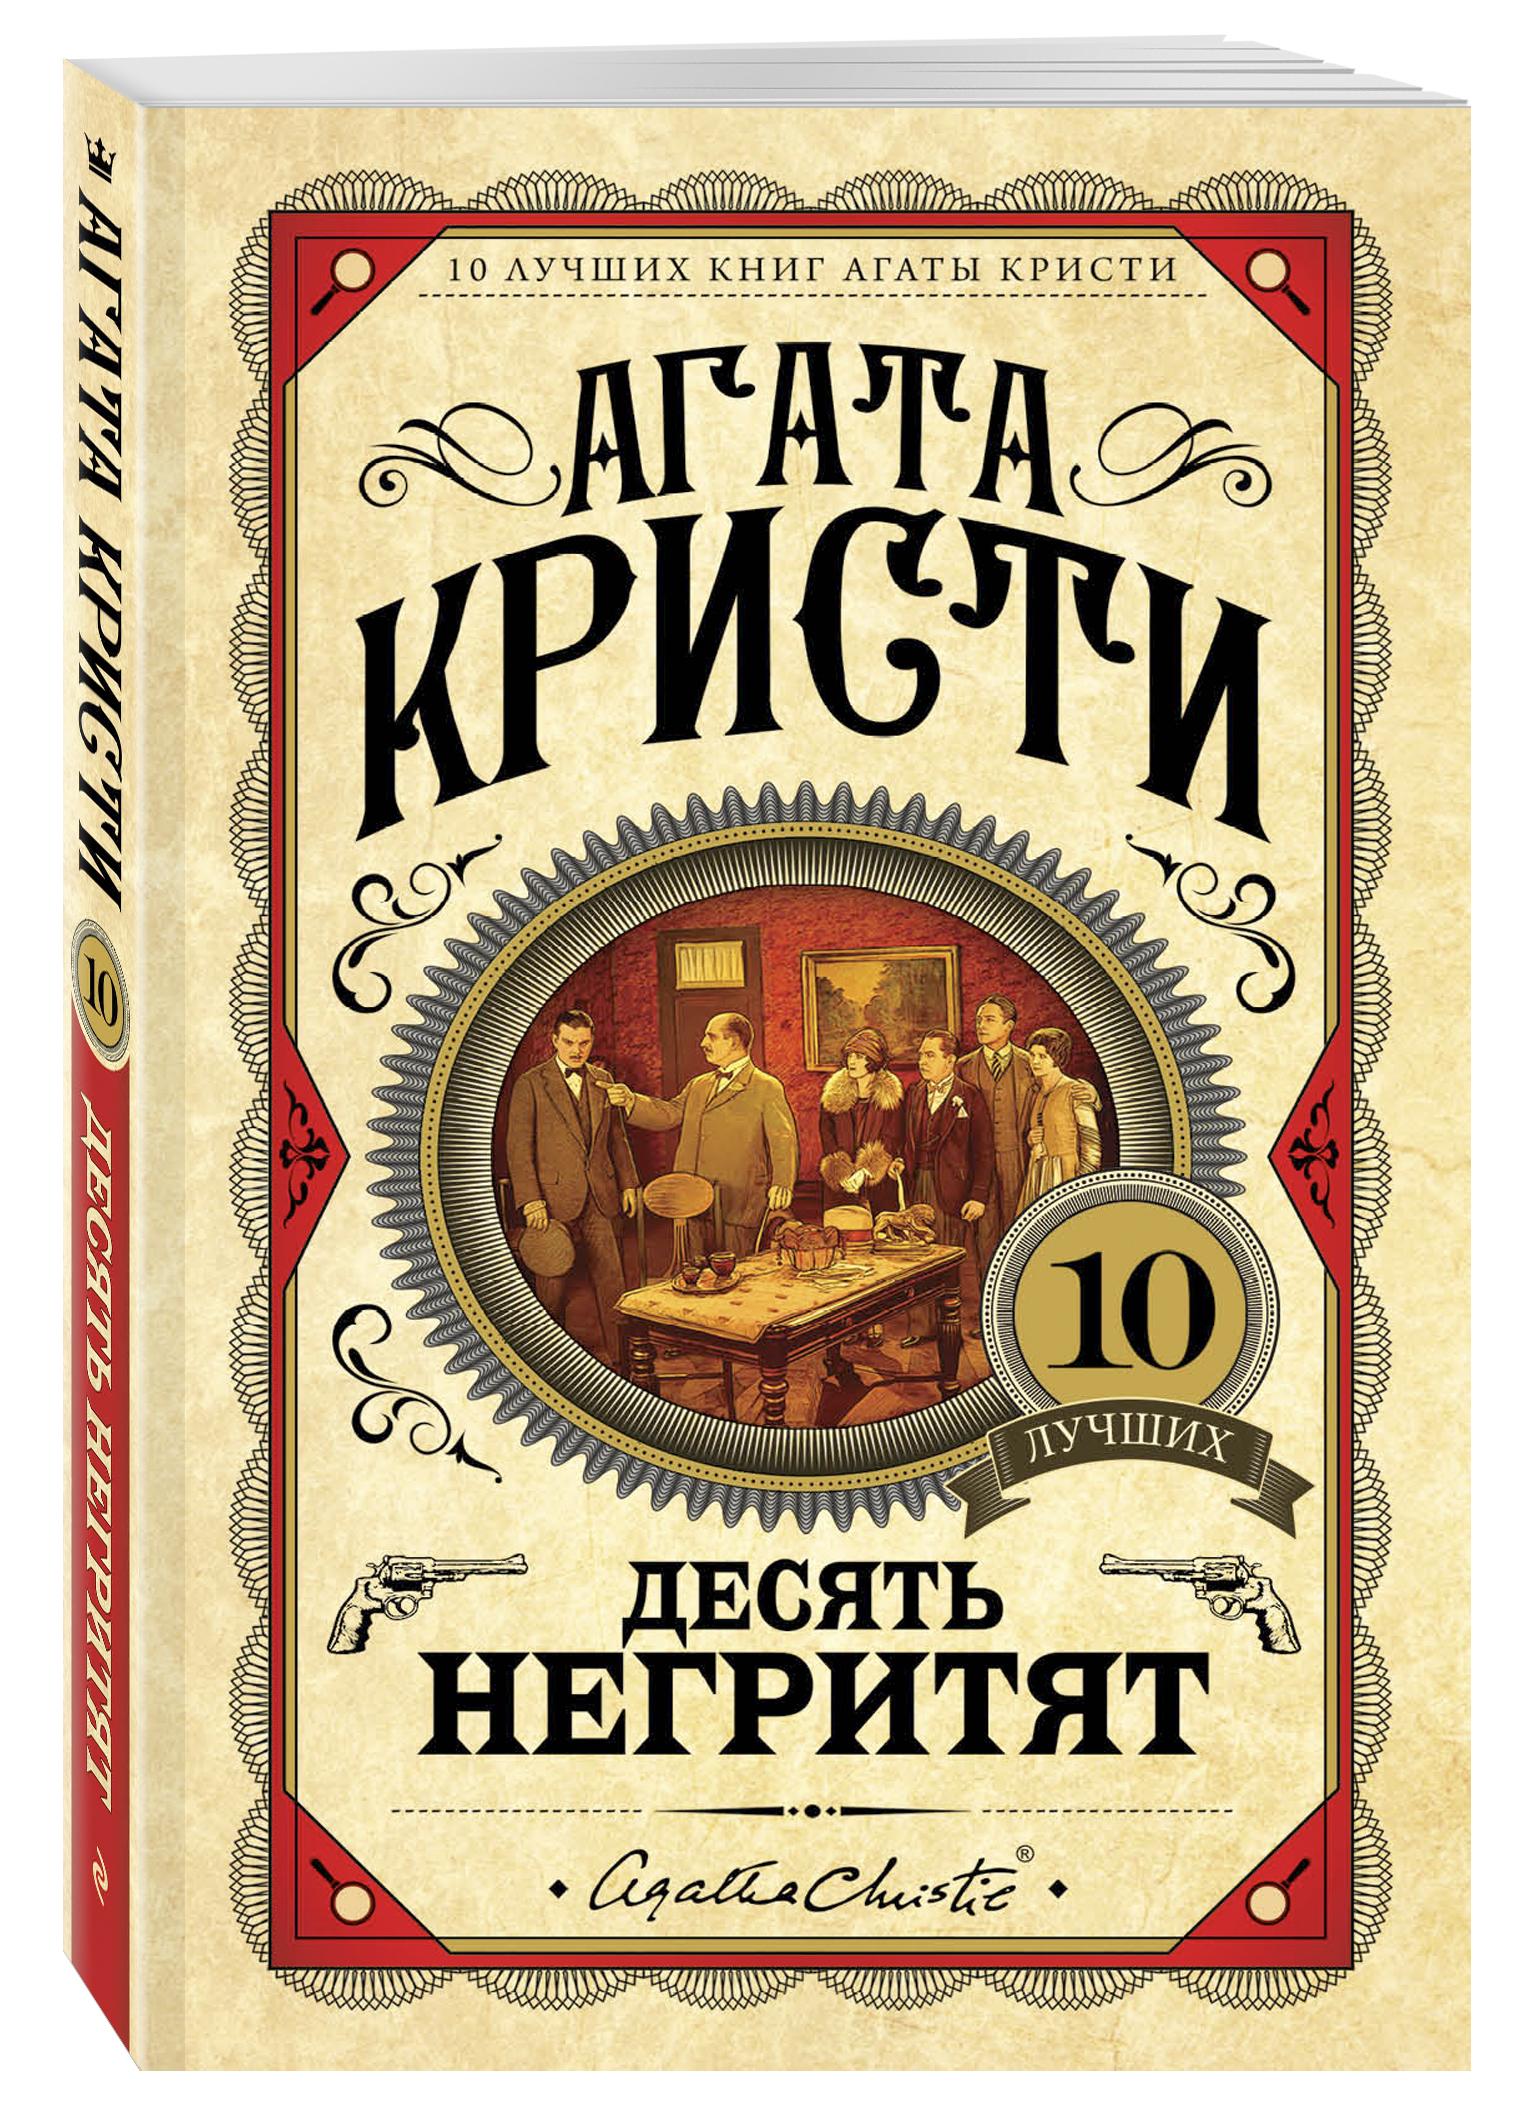 Кристи А. Десять негритят ISBN: 978-5-04-091126-4